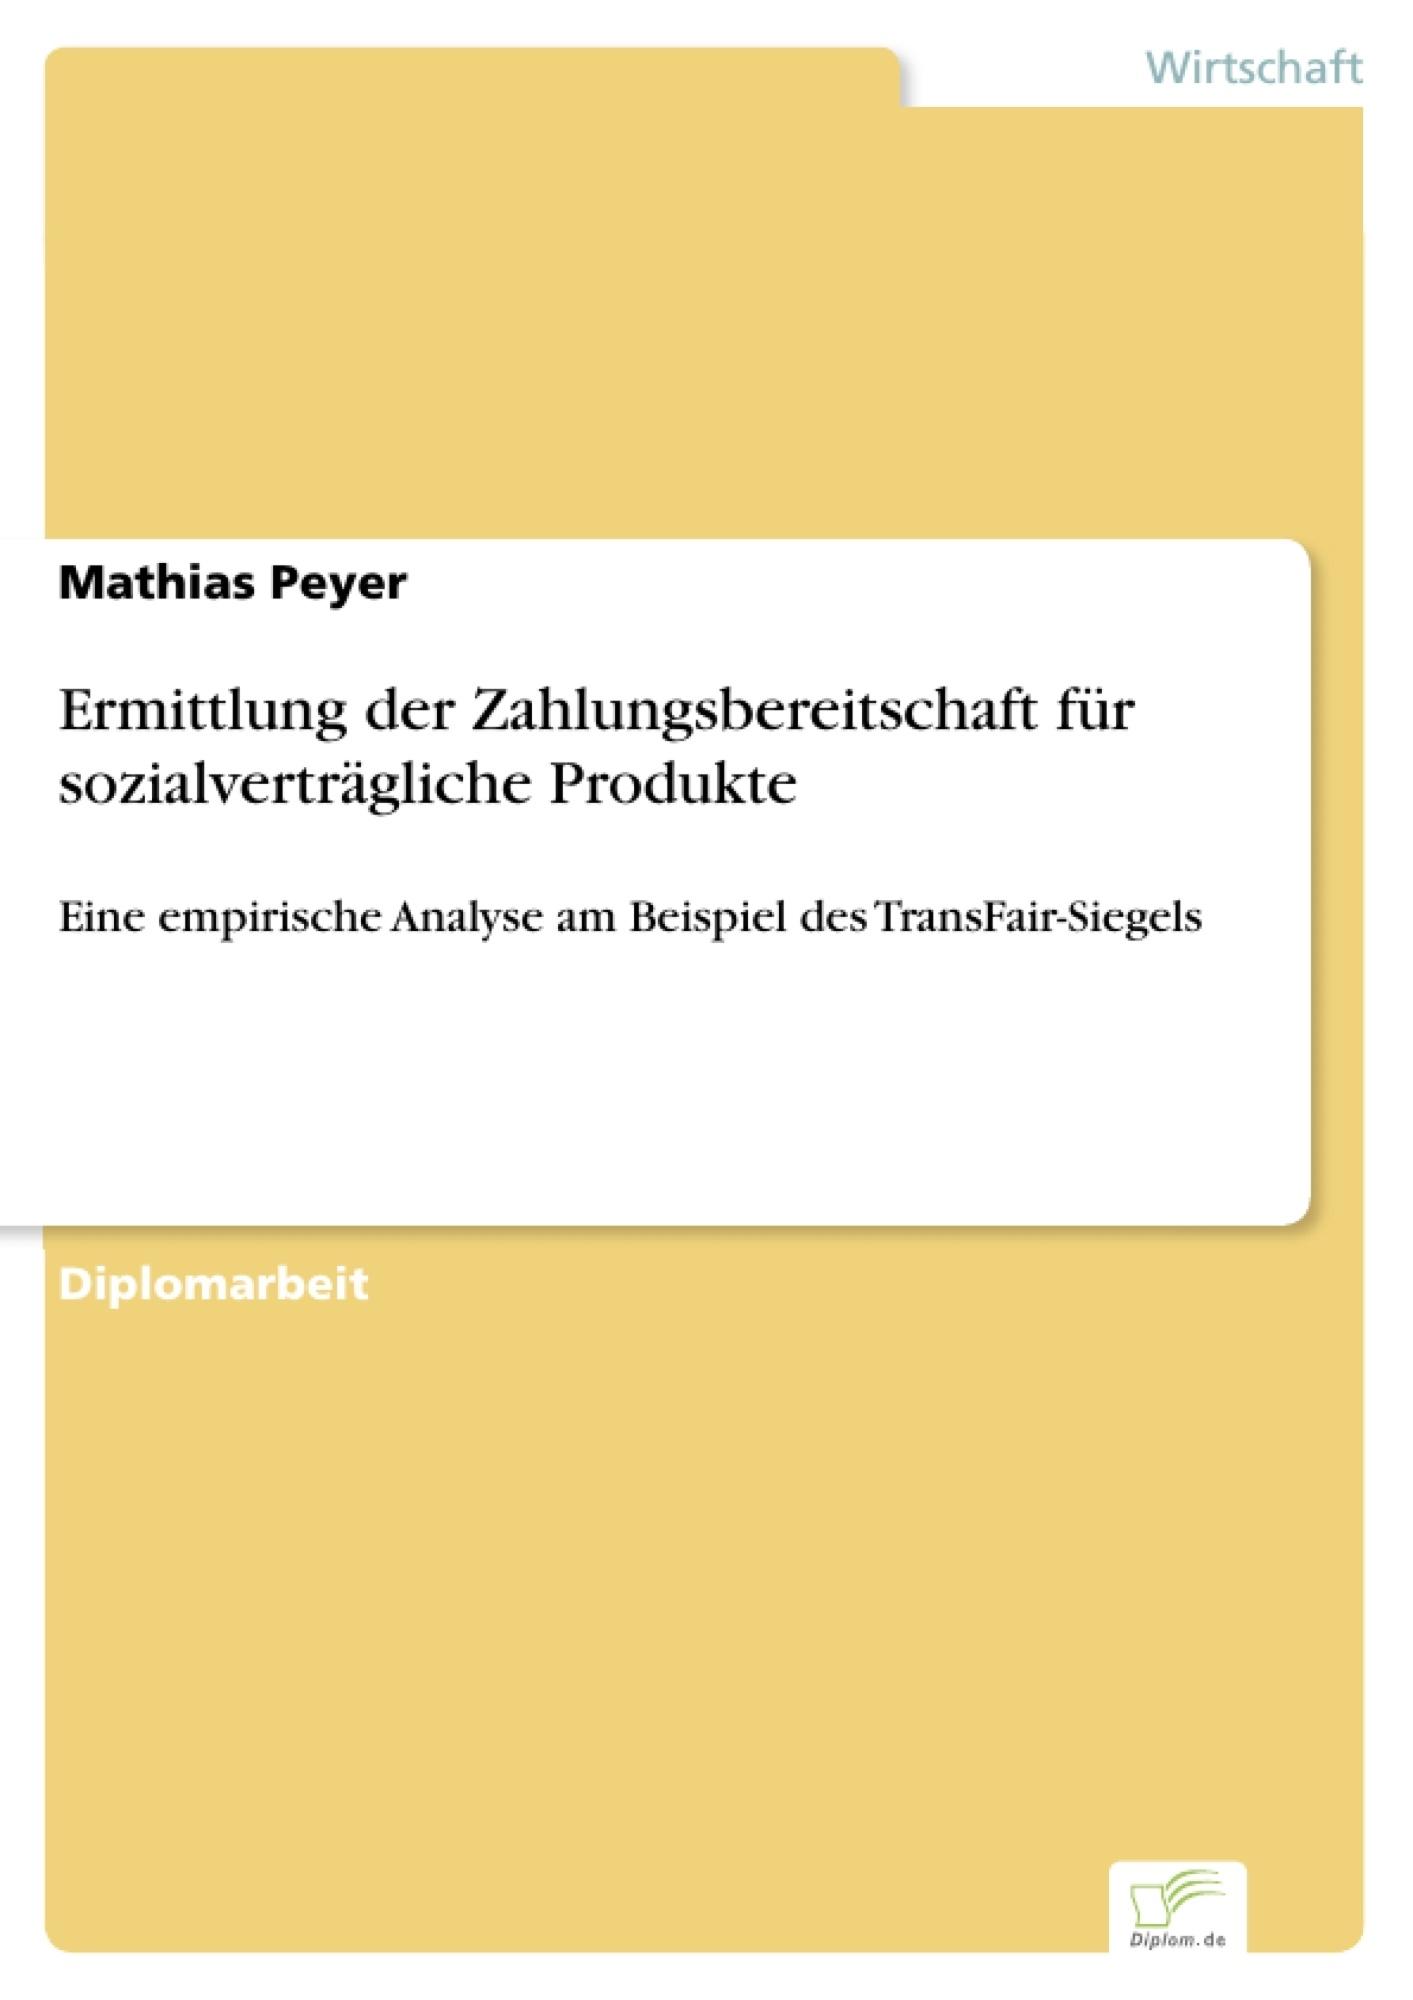 Ermittlung der Zahlungsbereitschaft für sozialverträgliche Produkte